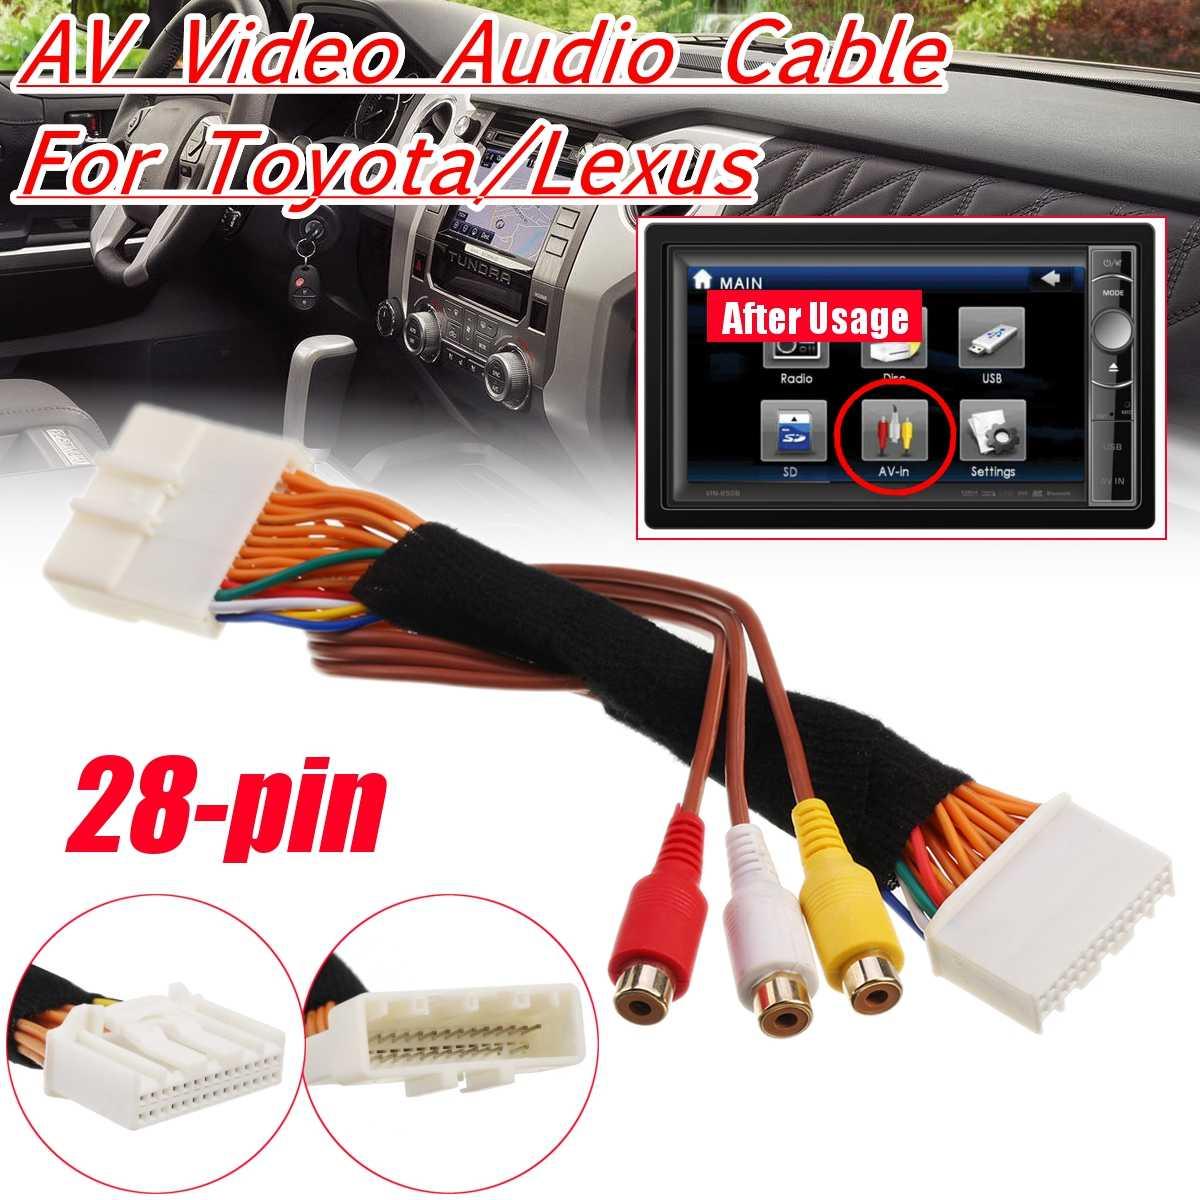 Cable de Audio de vídeo AV de 28 pines para Toyota/Lexus Touch 2 y unidades de cabeza de monitores OEM Entune para Renault y Dacia para Opel para auxhall